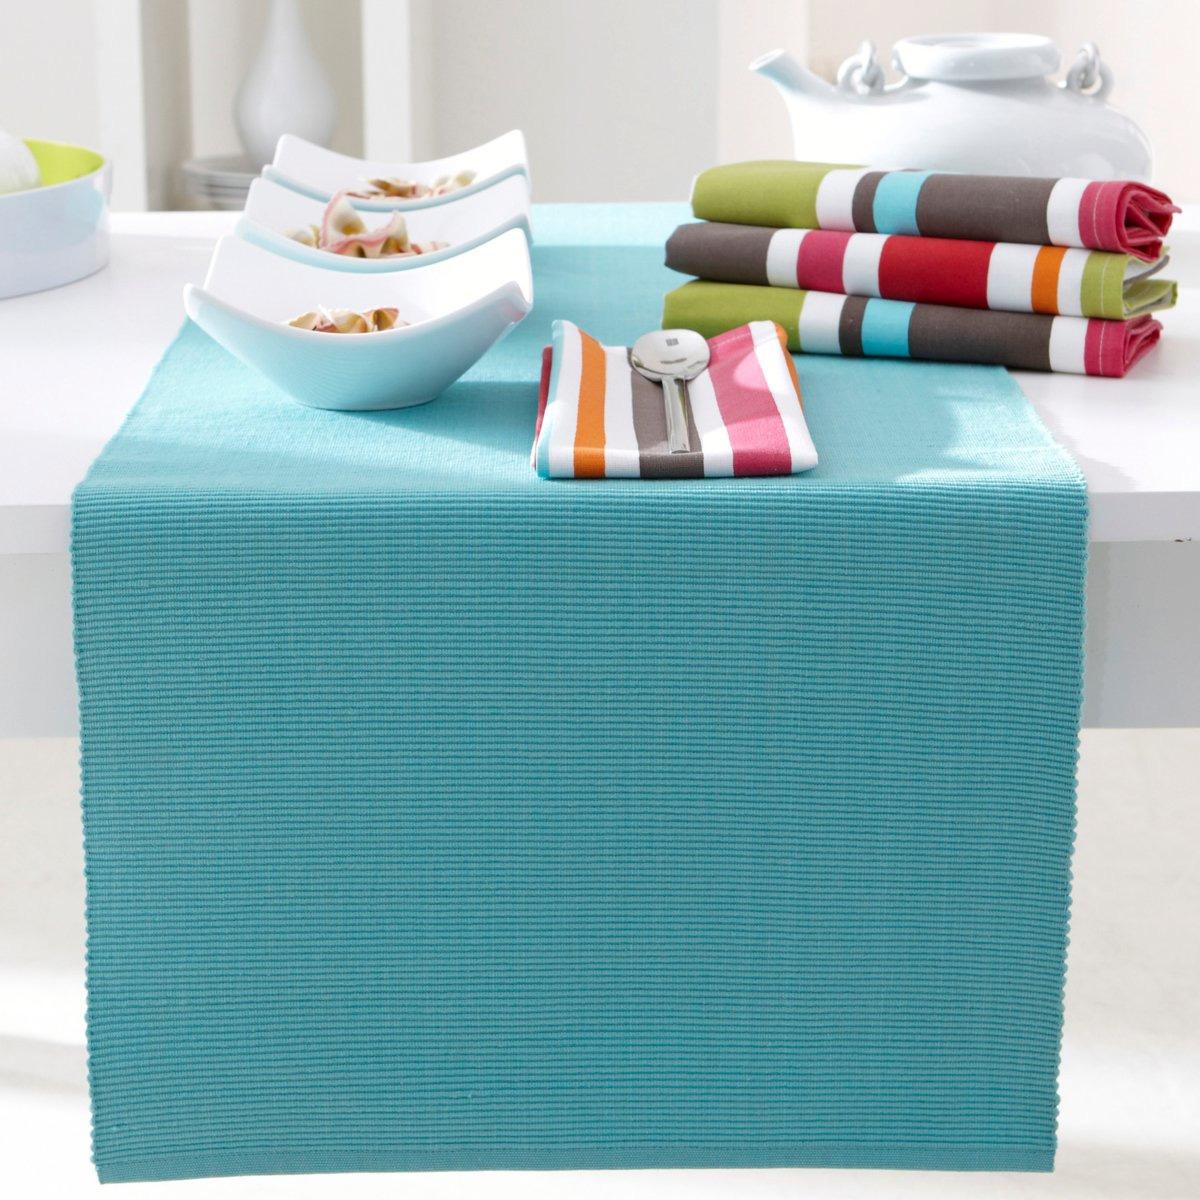 Come scegliere i tessili per il tavolo: tovaglie, runner e centrini